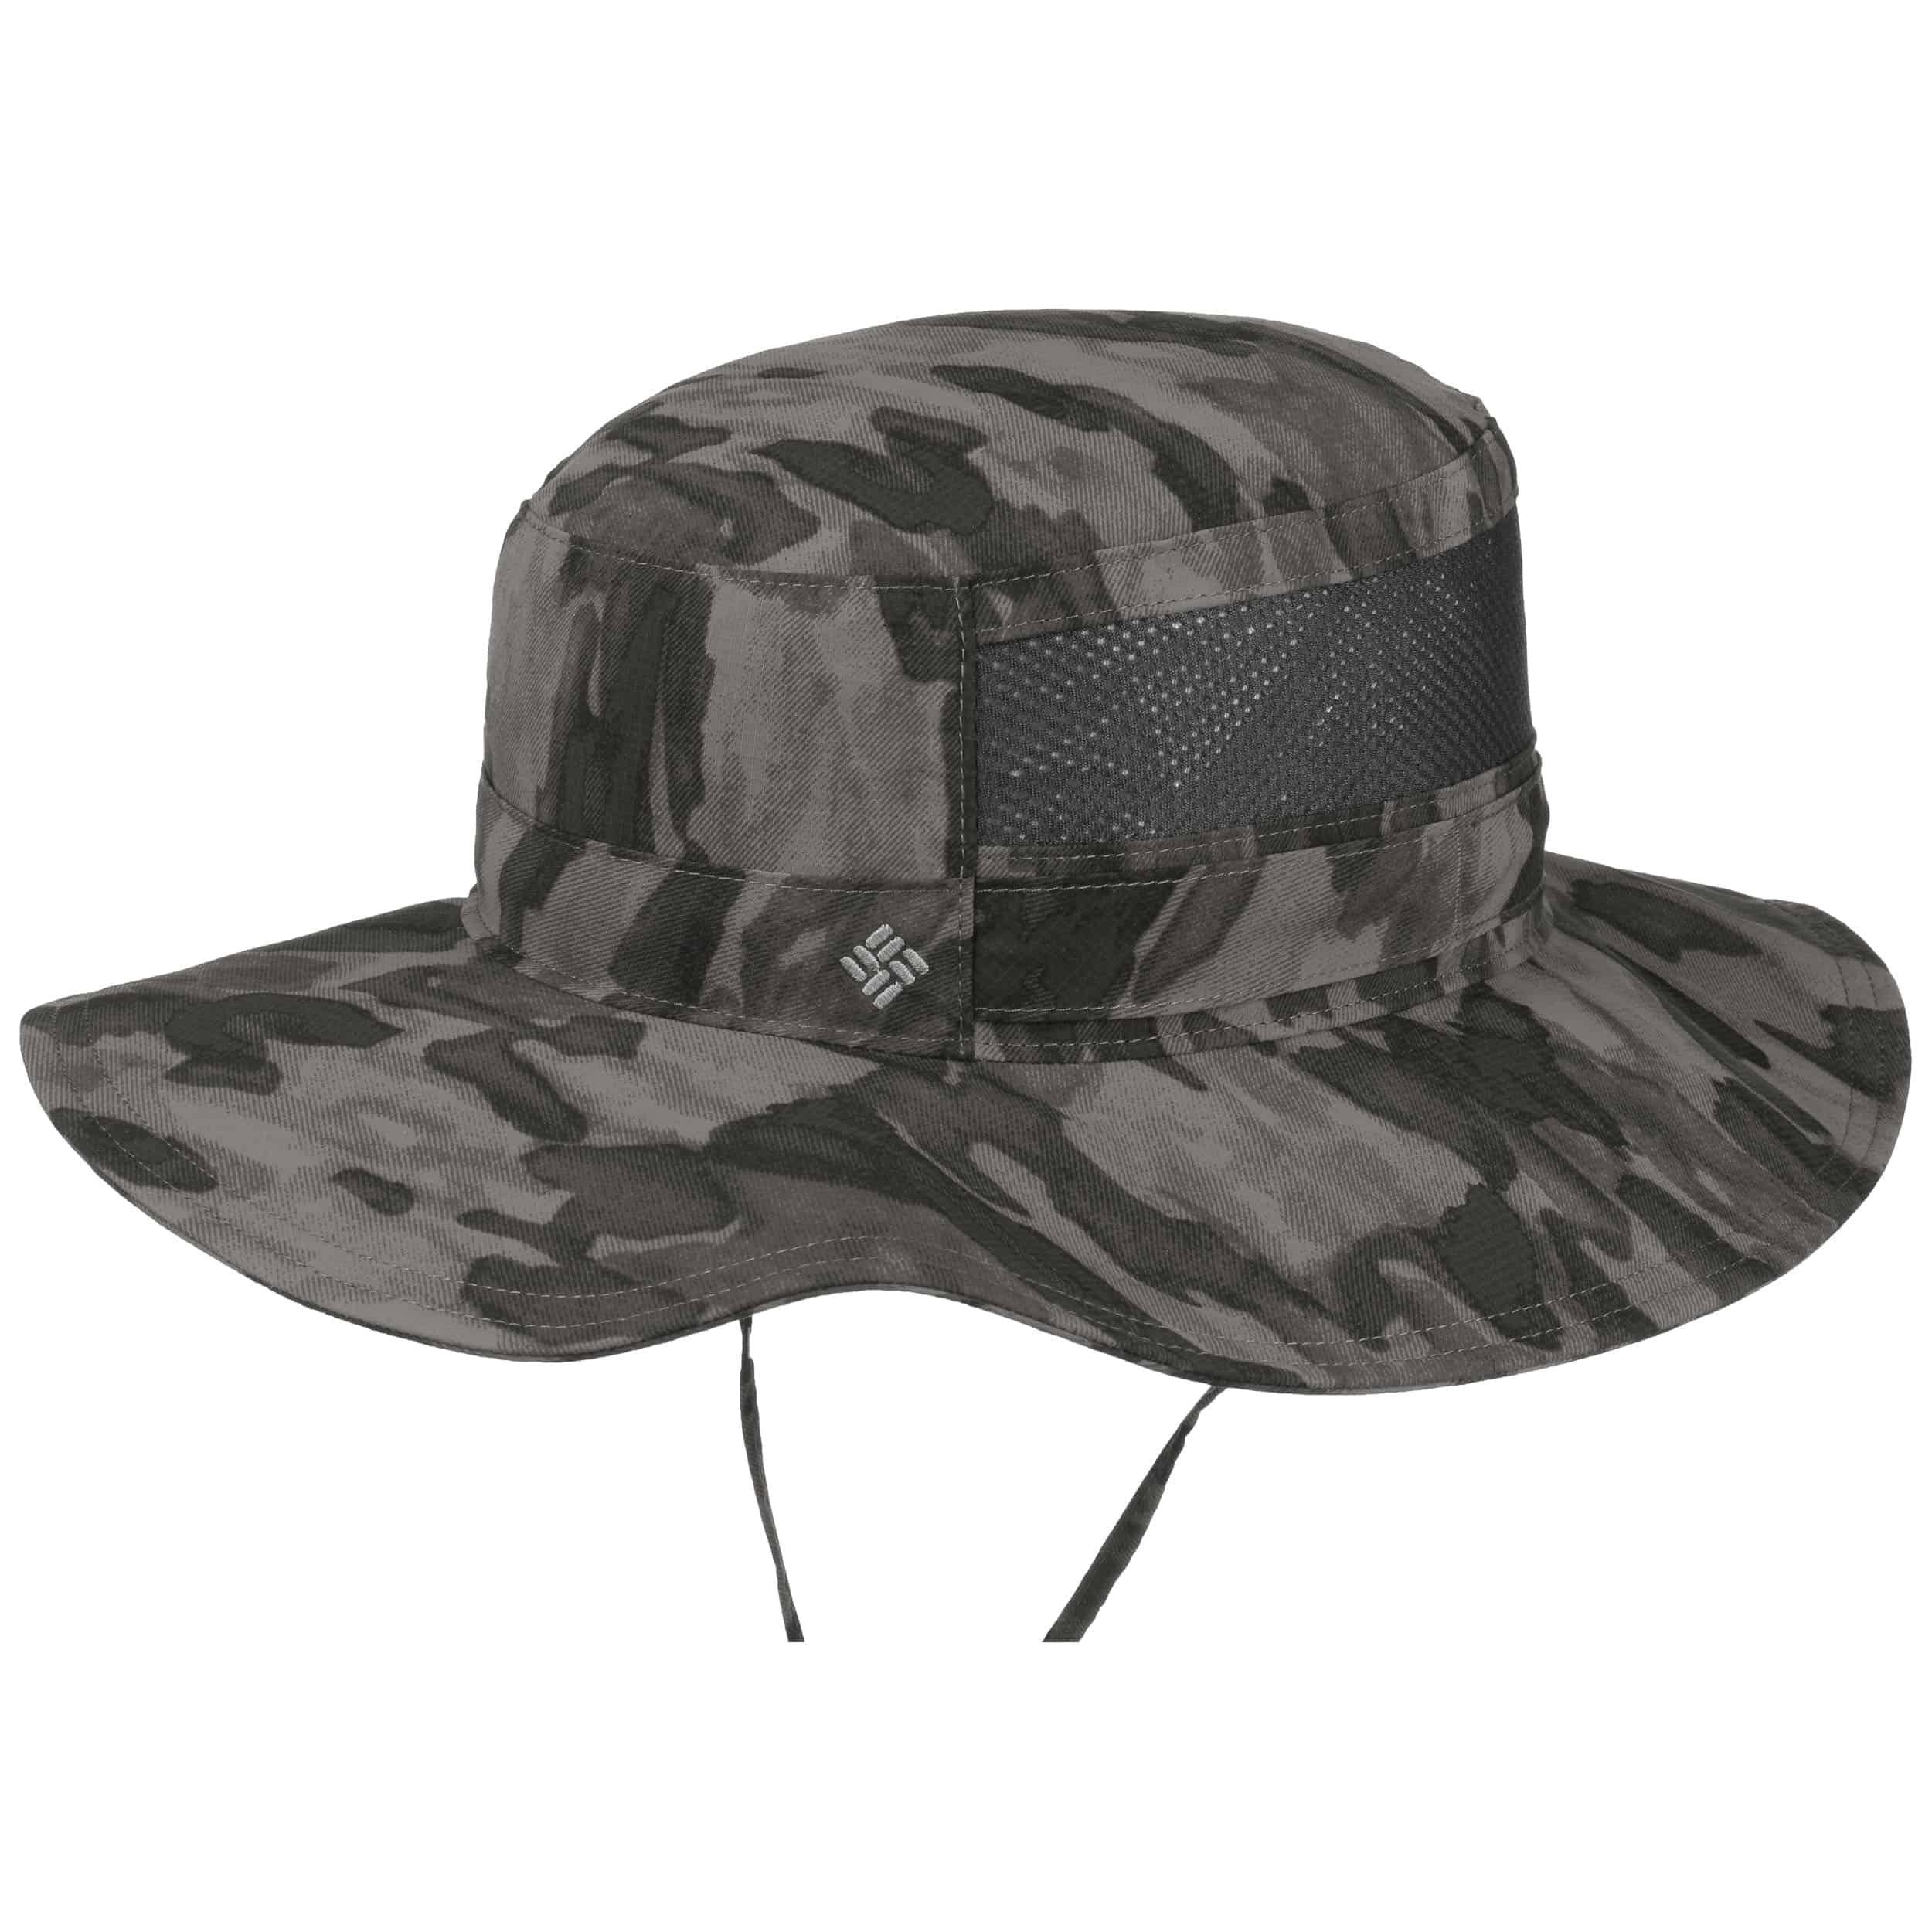 Sombrero de Sol Bora Camo by Columbia - Sombreros - sombreroshop.es e1ce18f71d1